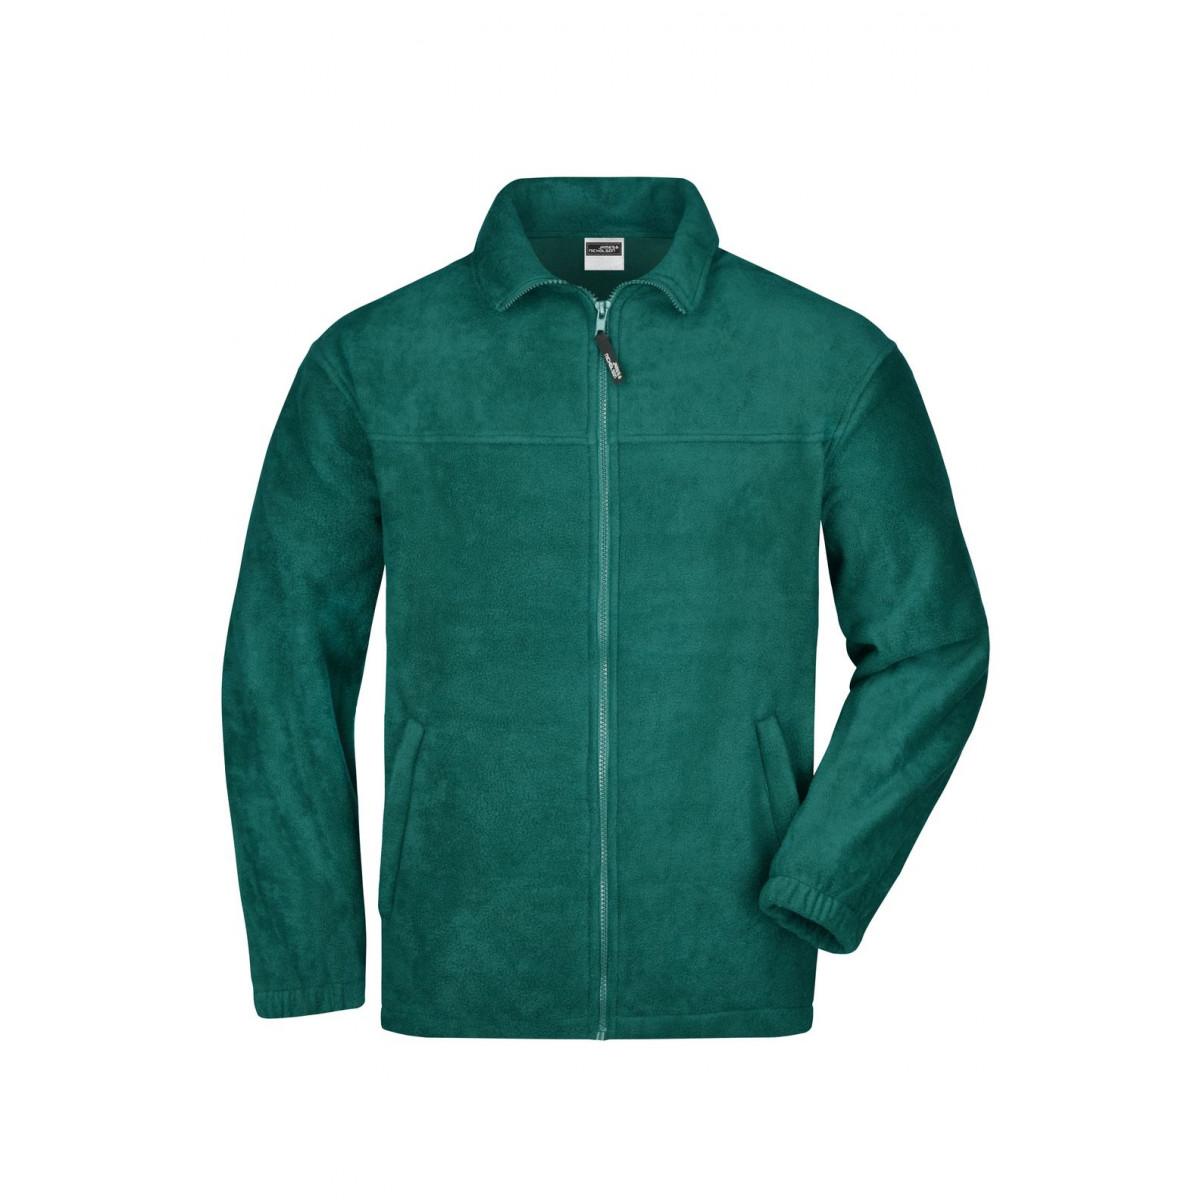 Толстовка мужская JN044 Full-Zip Fleece - Темно-зеленый